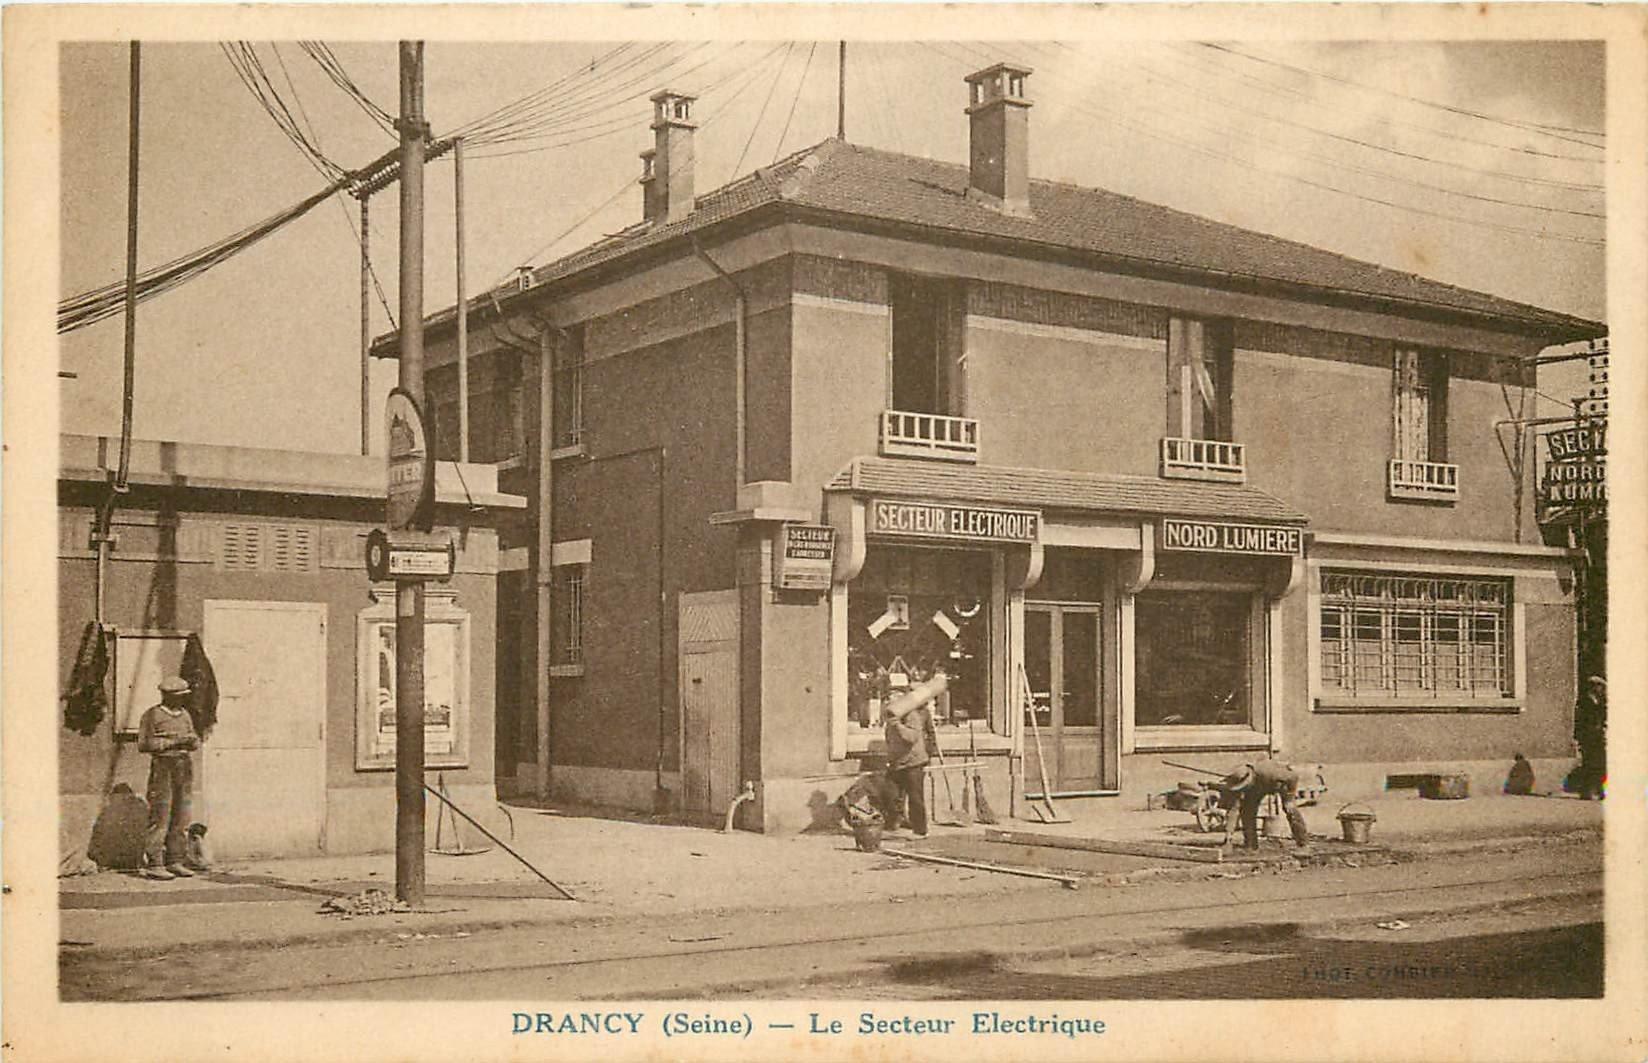 93 DRANCY. La Boutique du Secteur Electrique